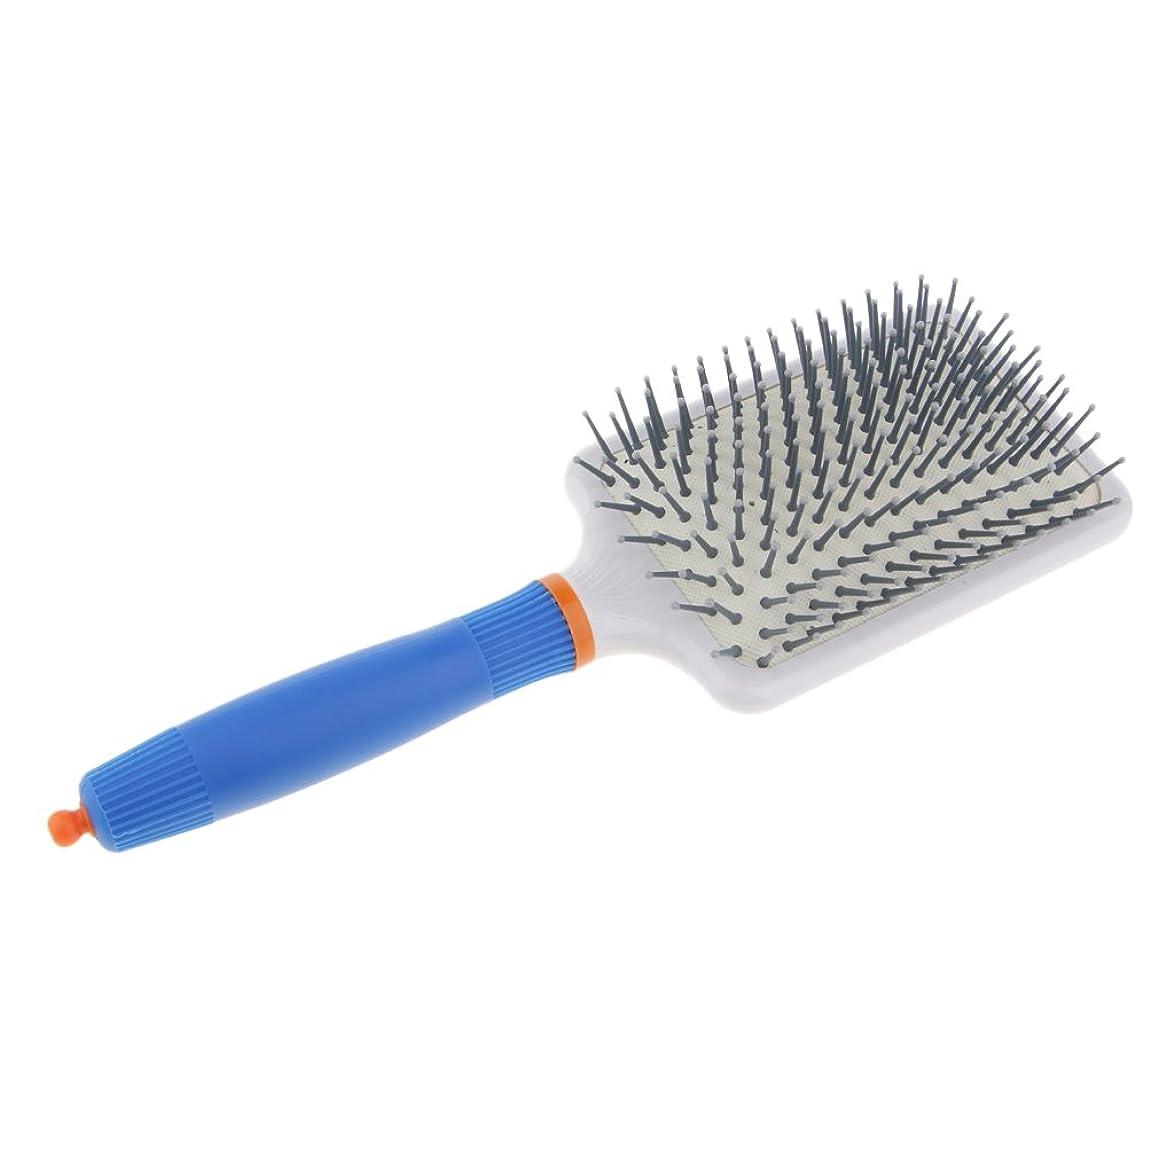 薬用寛大さ暫定のヘアブラシ くし エアバッグ 静電気防止 頭皮マッサージ 櫛 ヘアコーム 全2色 - ダークブルー